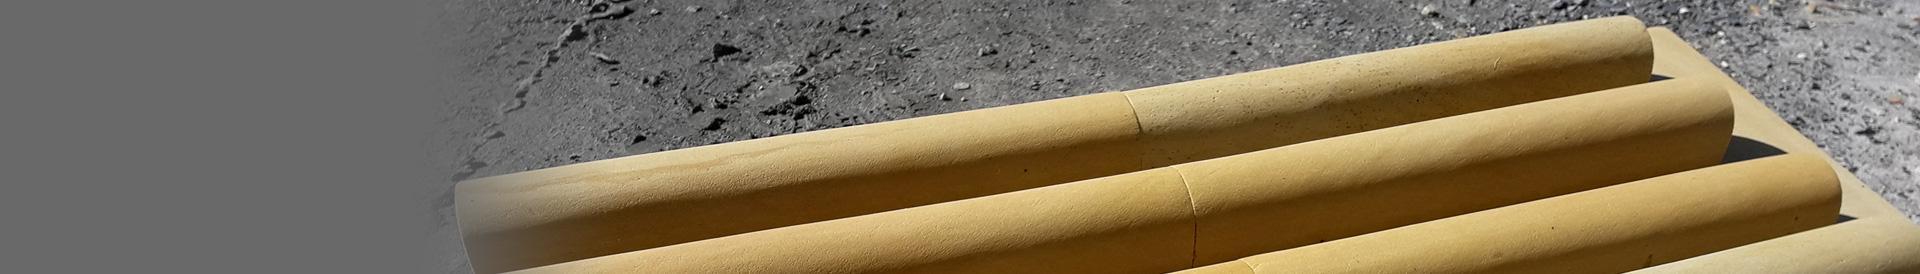 ZK Kamieniarstwo producent wyrobów kamiennych - Banner